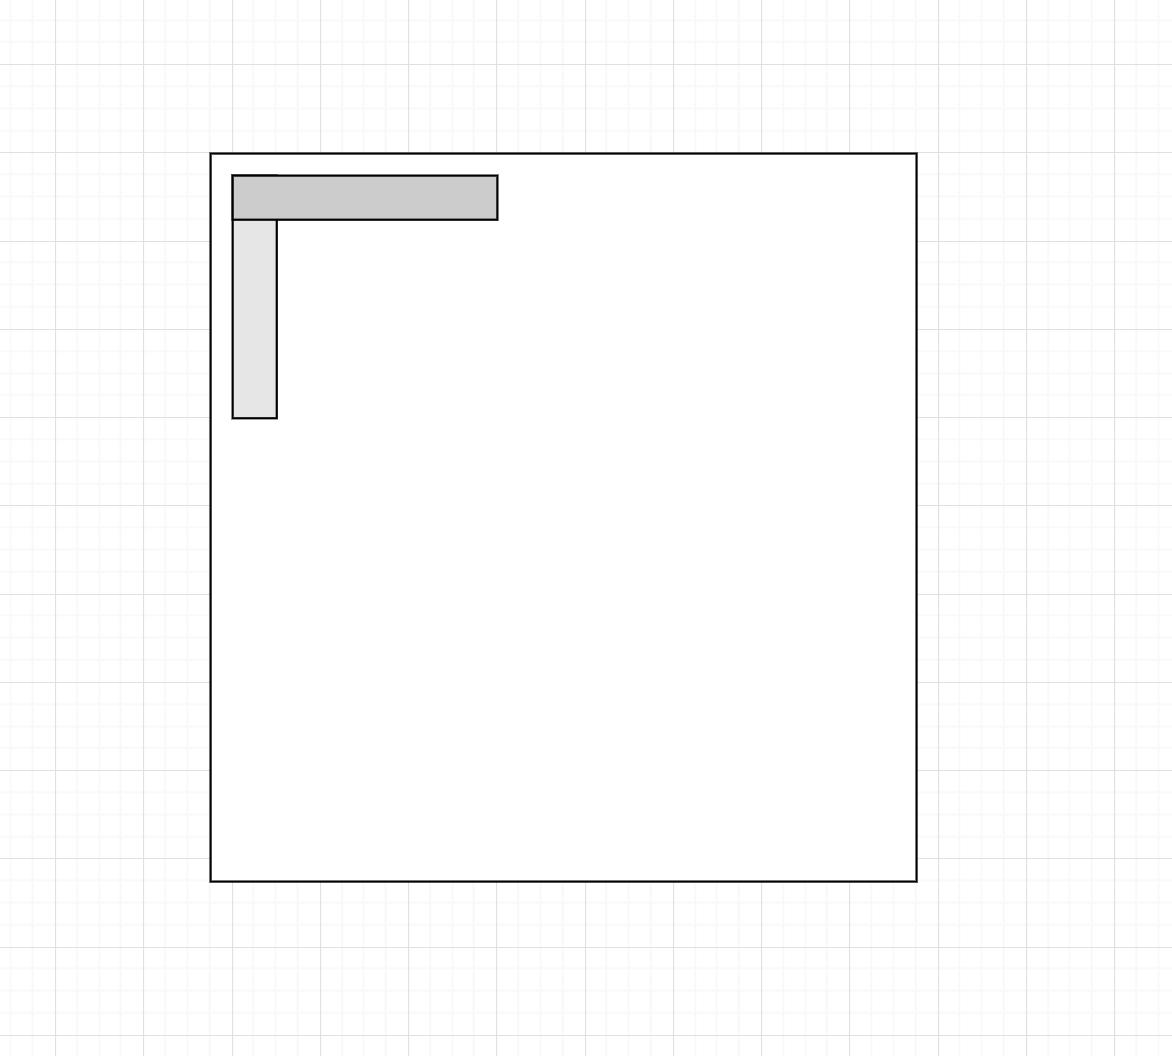 可视化搭建平台的参考网格线设计